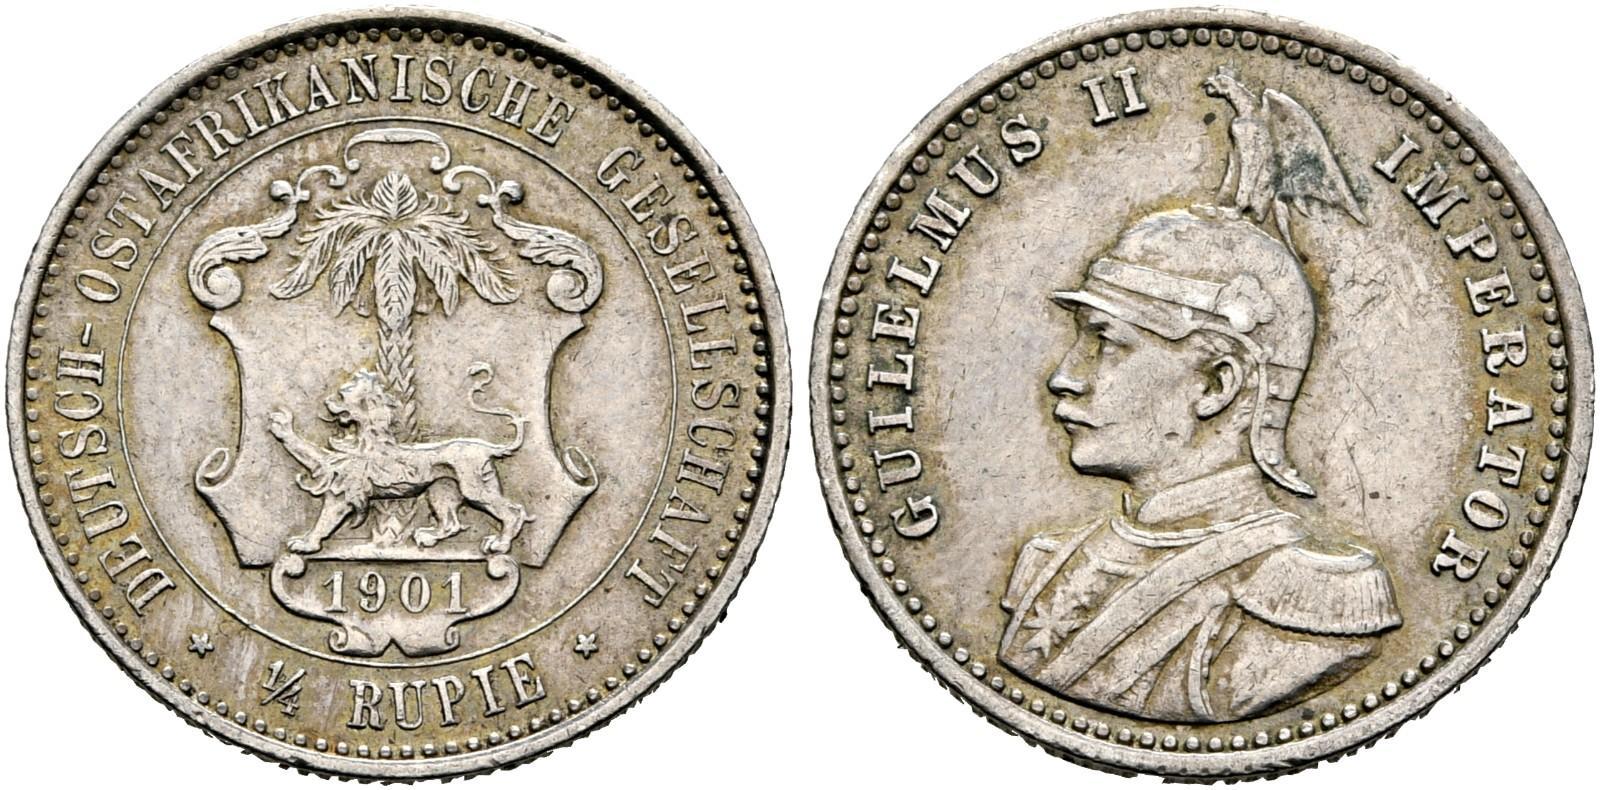 DE 1/4 Rupie 1901 A